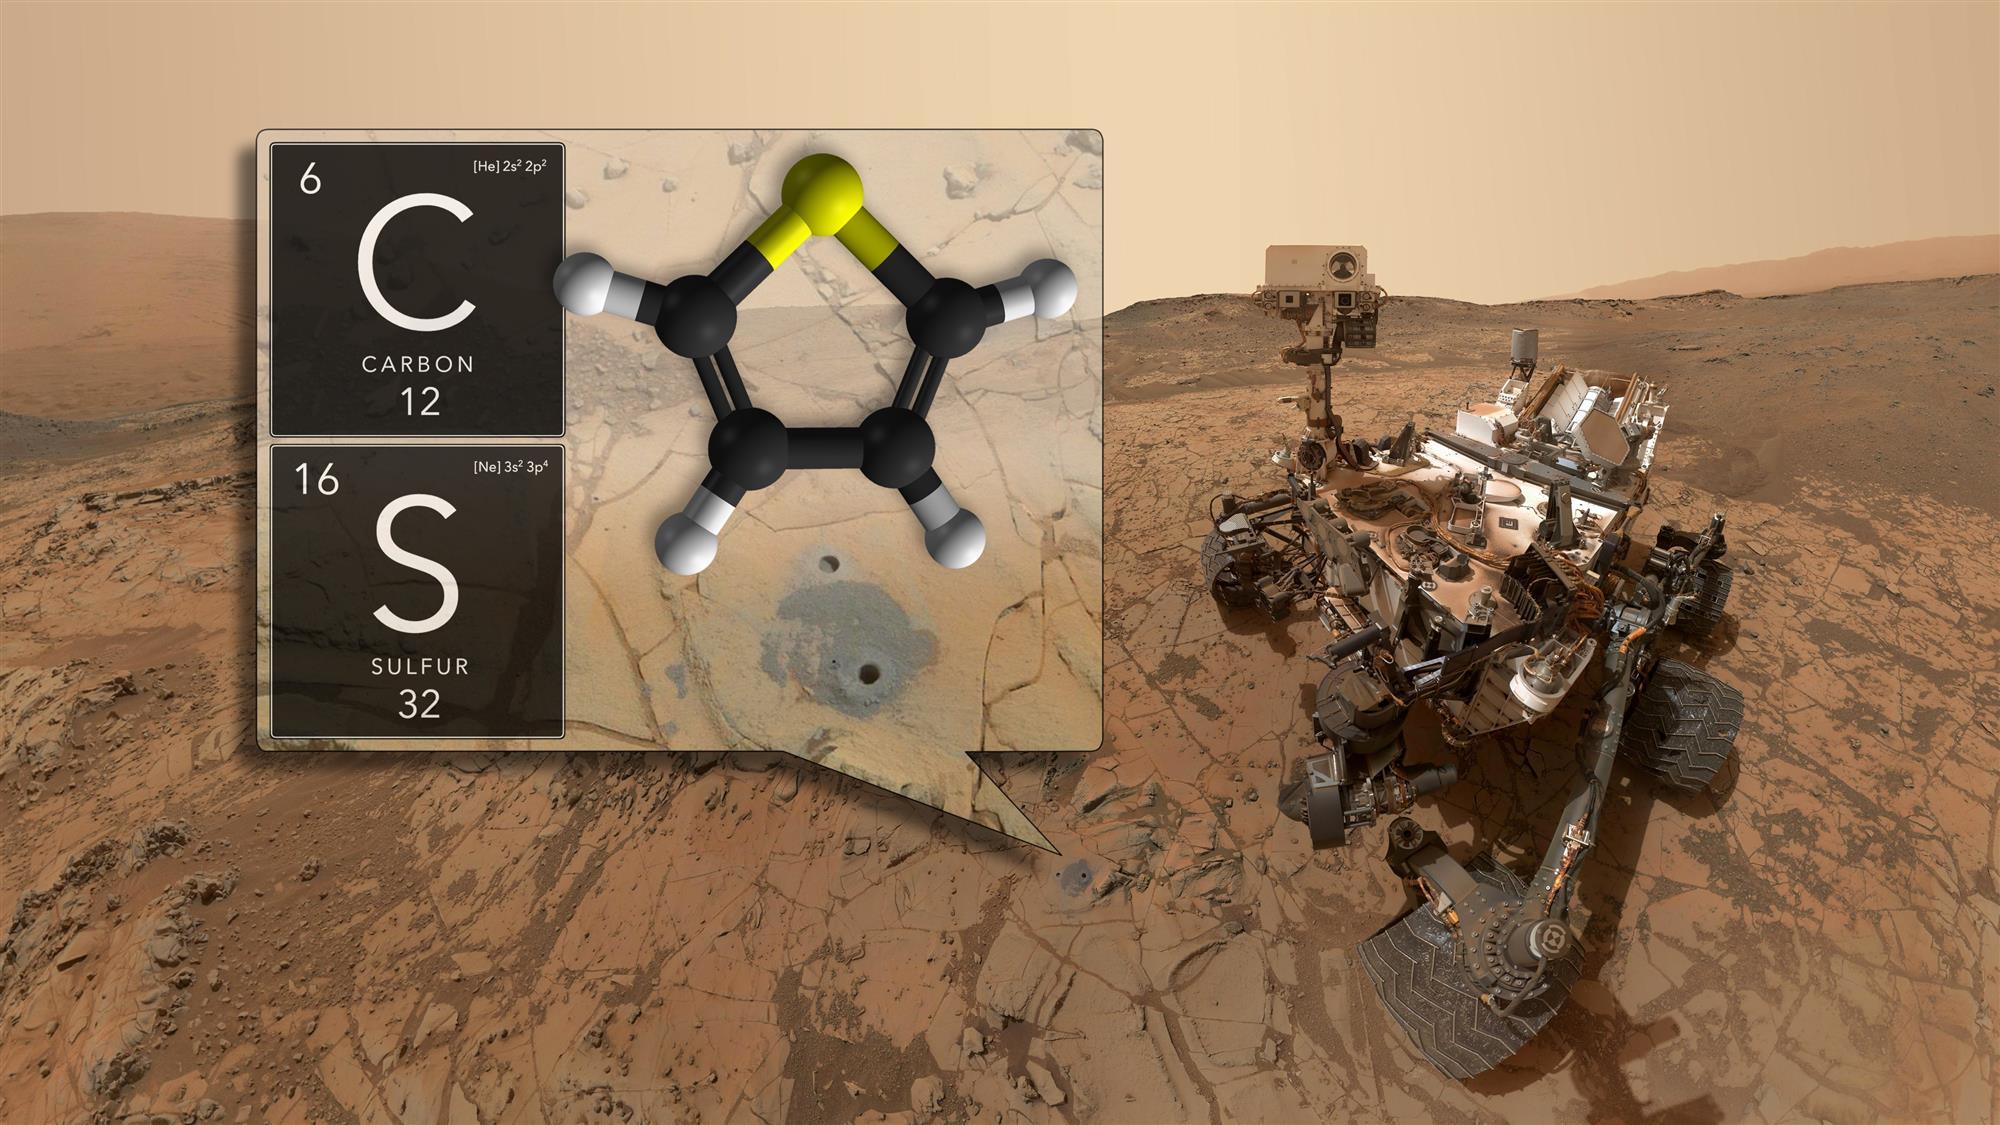 Curiosity1_23b353fb